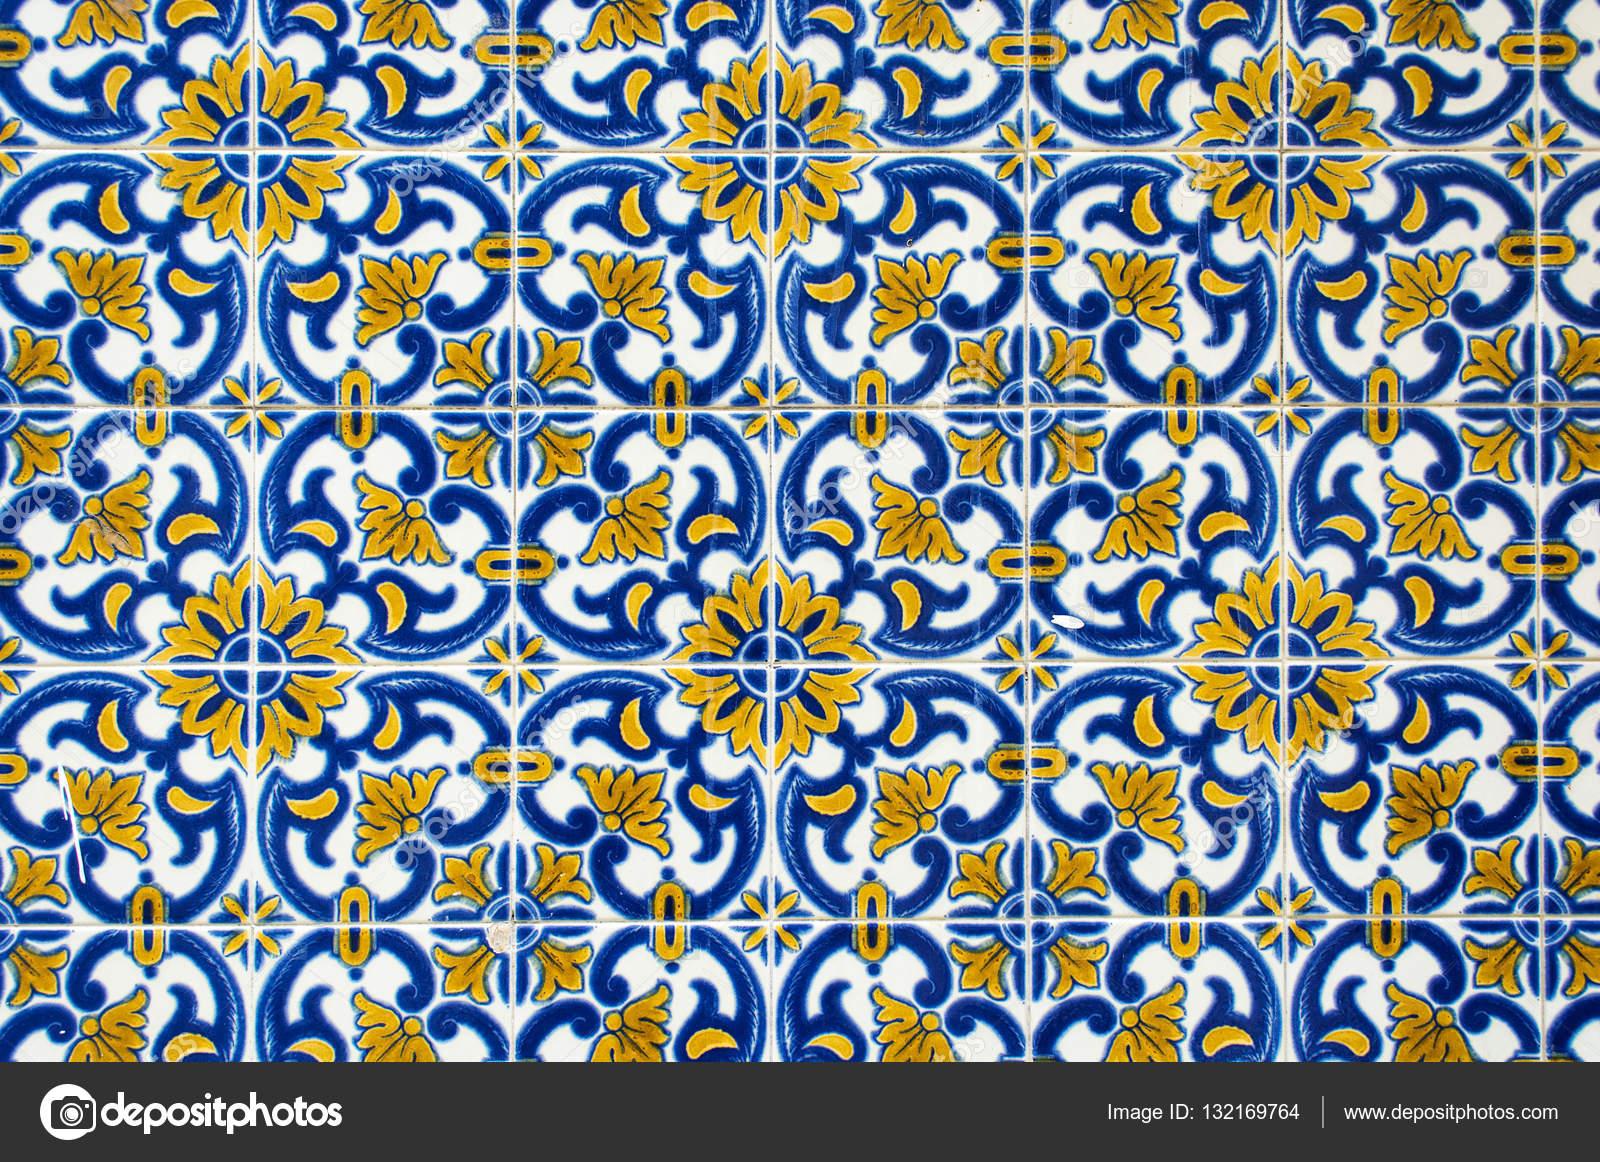 Azulejos Traditionelle Portugiesische Fliesen Stockfoto - Portugiesische fliesen azulejos